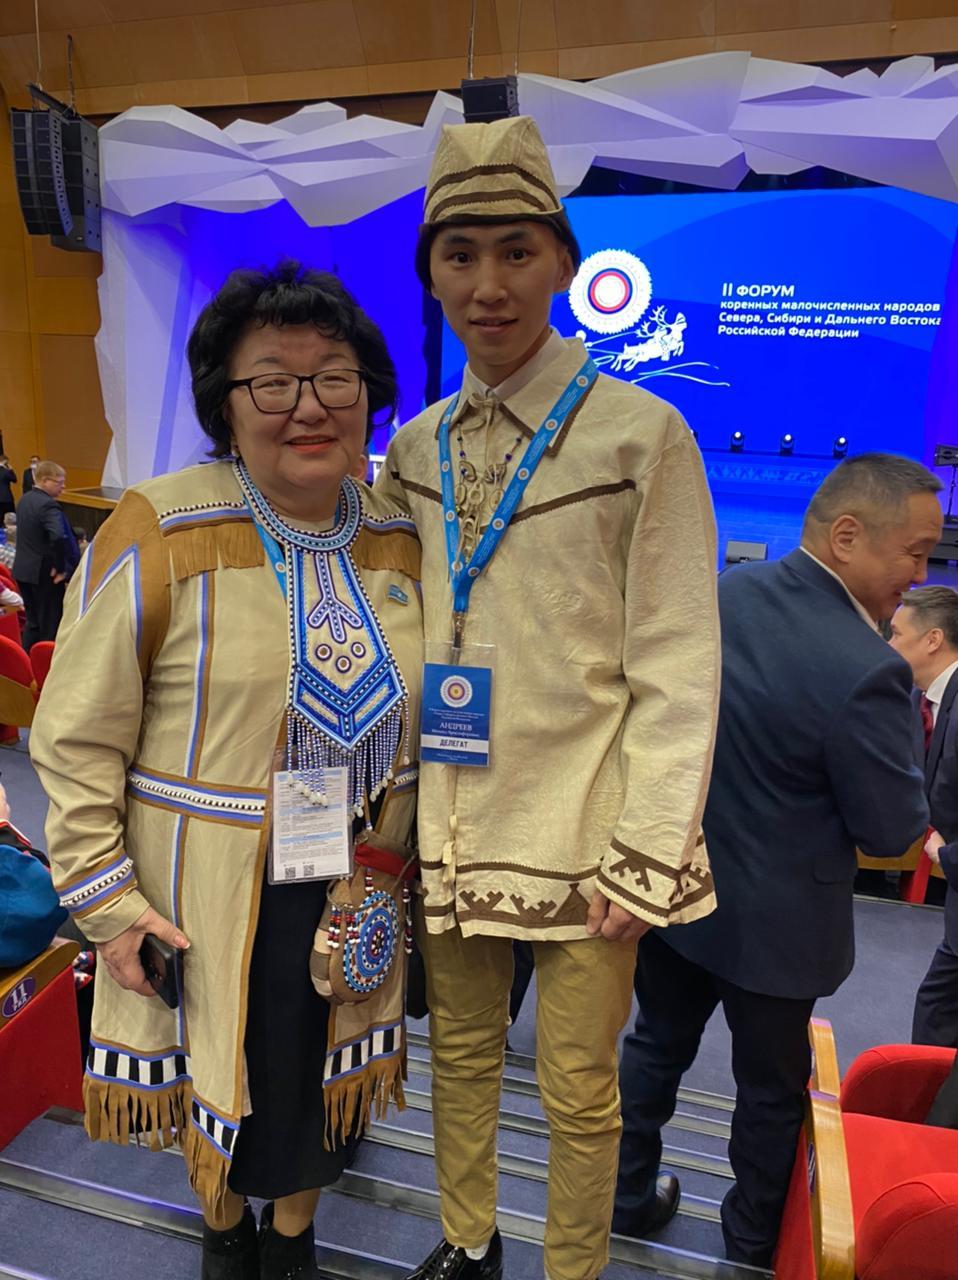 II Форум коренных малочисленных народов Севера, Сибири и Дальнего Востока РФ